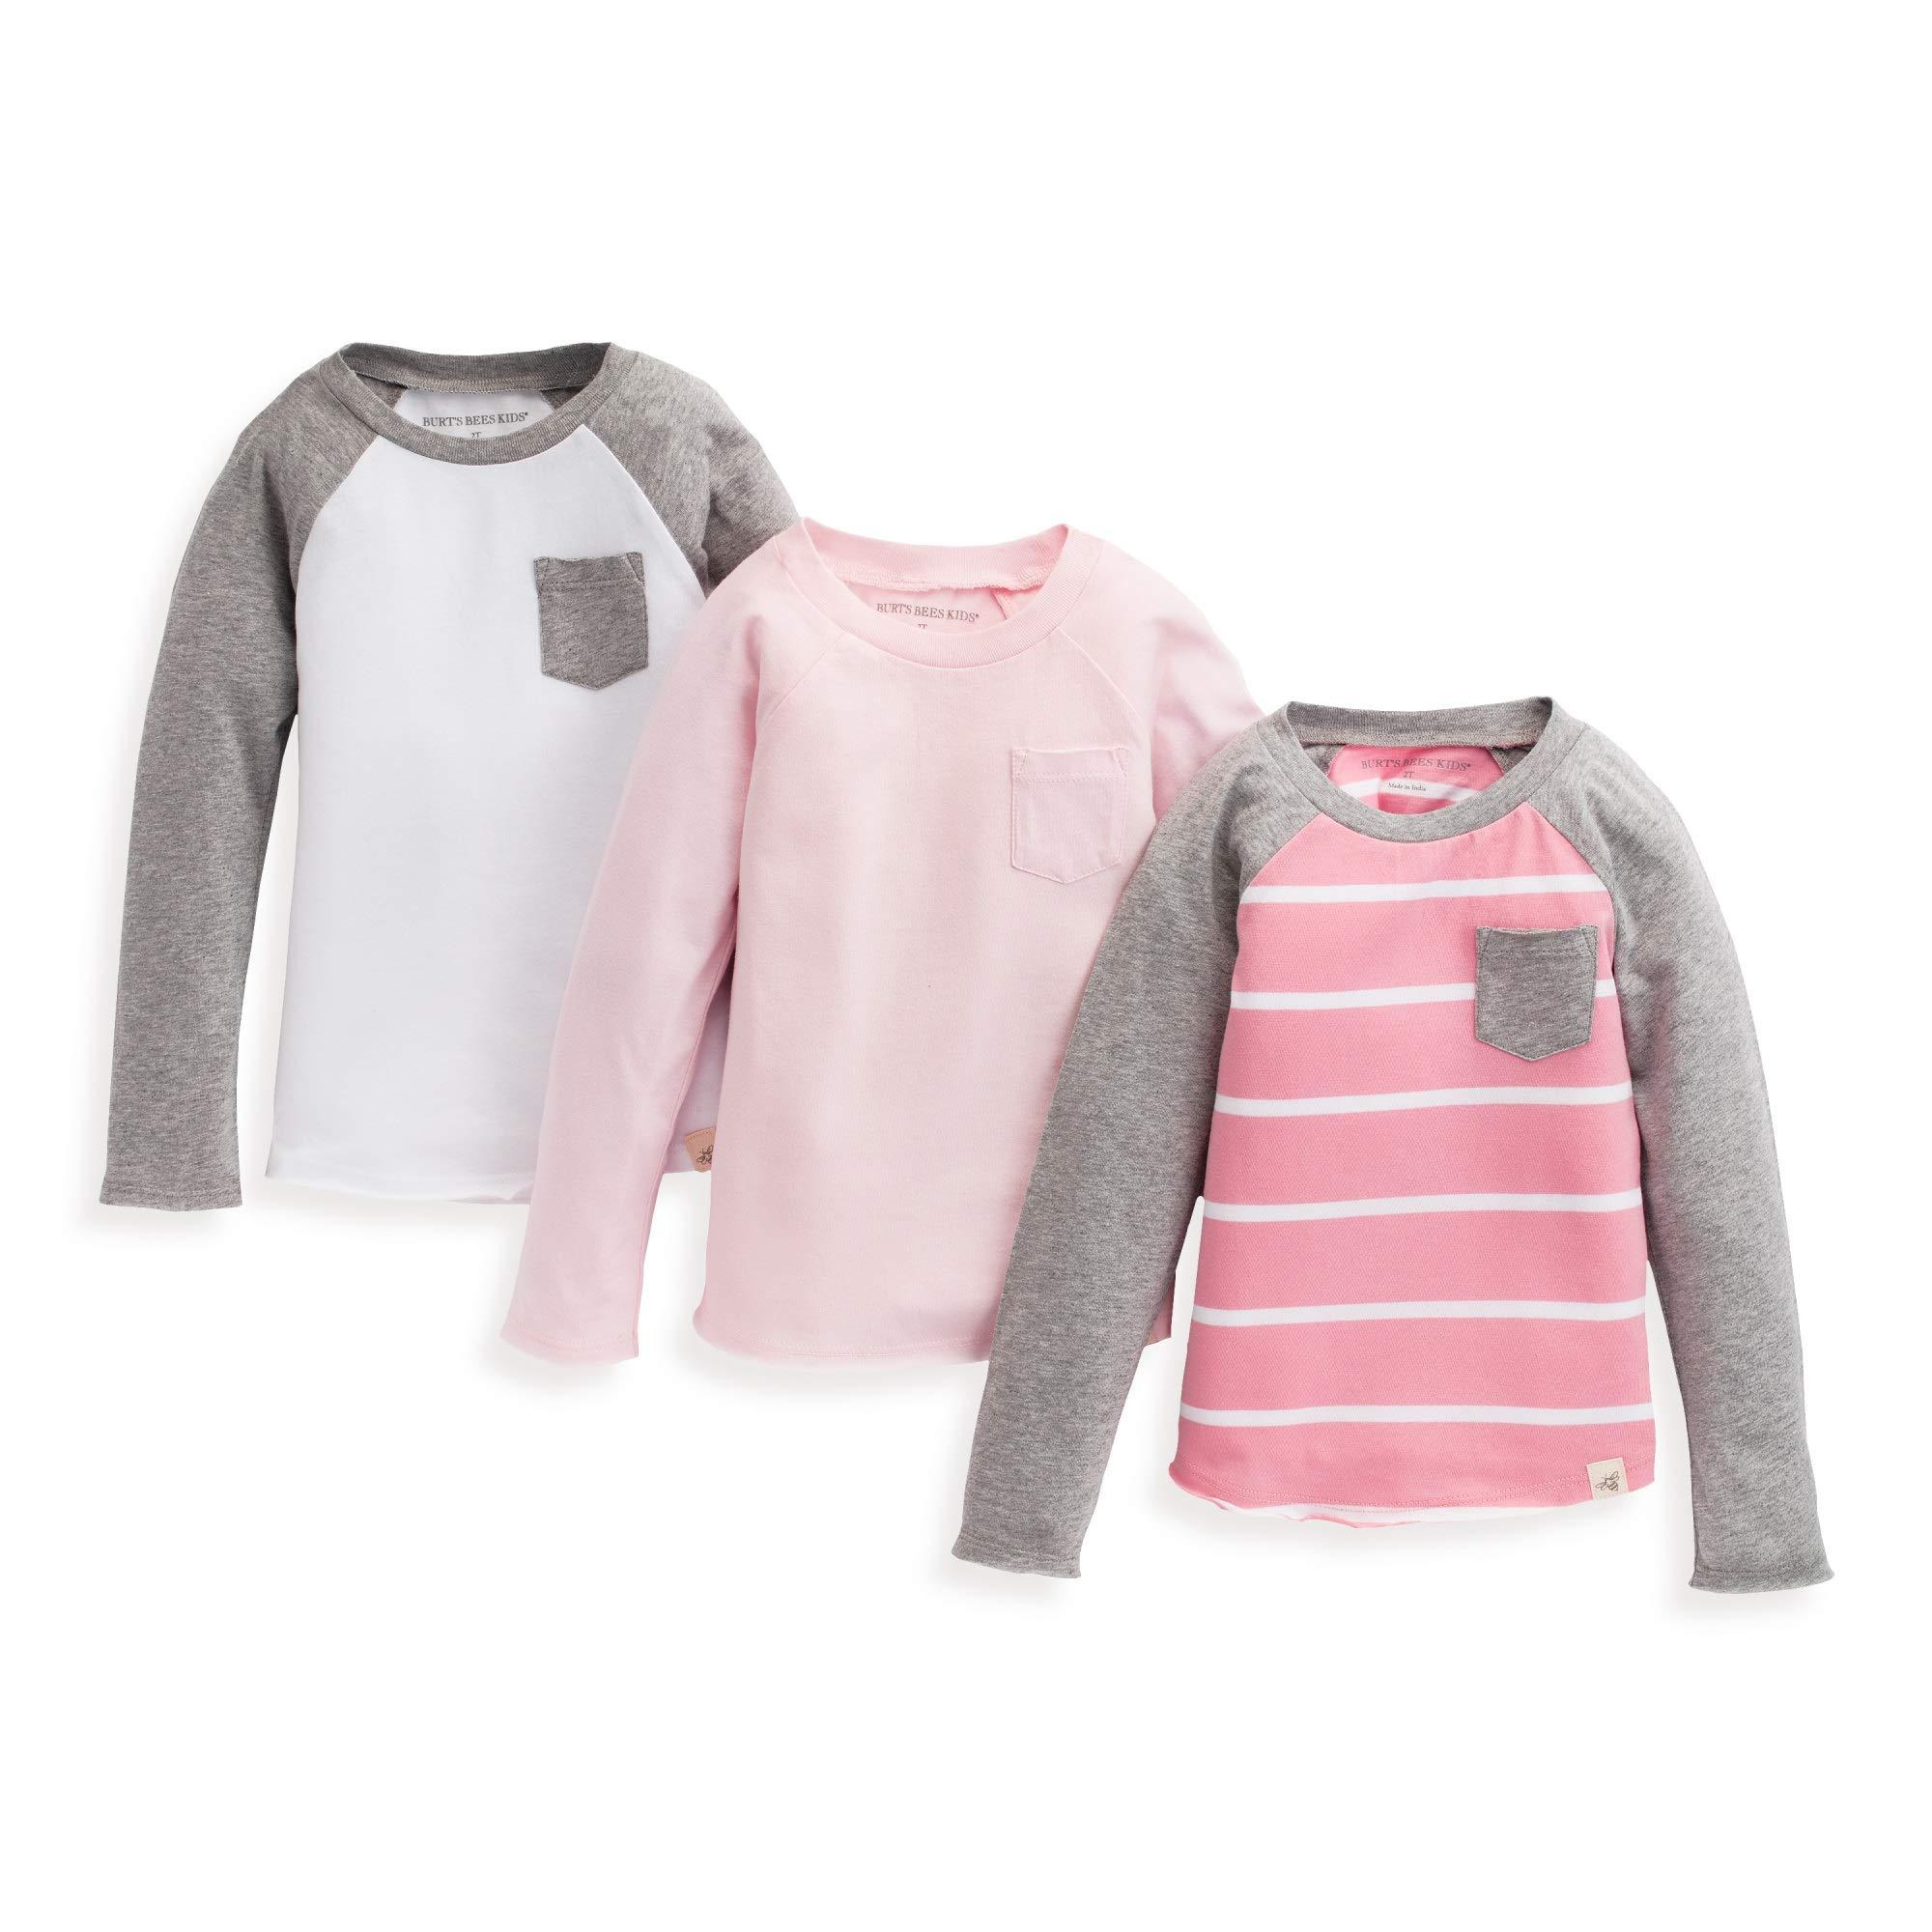 Burt's Bees 女婴幼童 T 恤,3 件装短袖 V 领圆领 T 恤